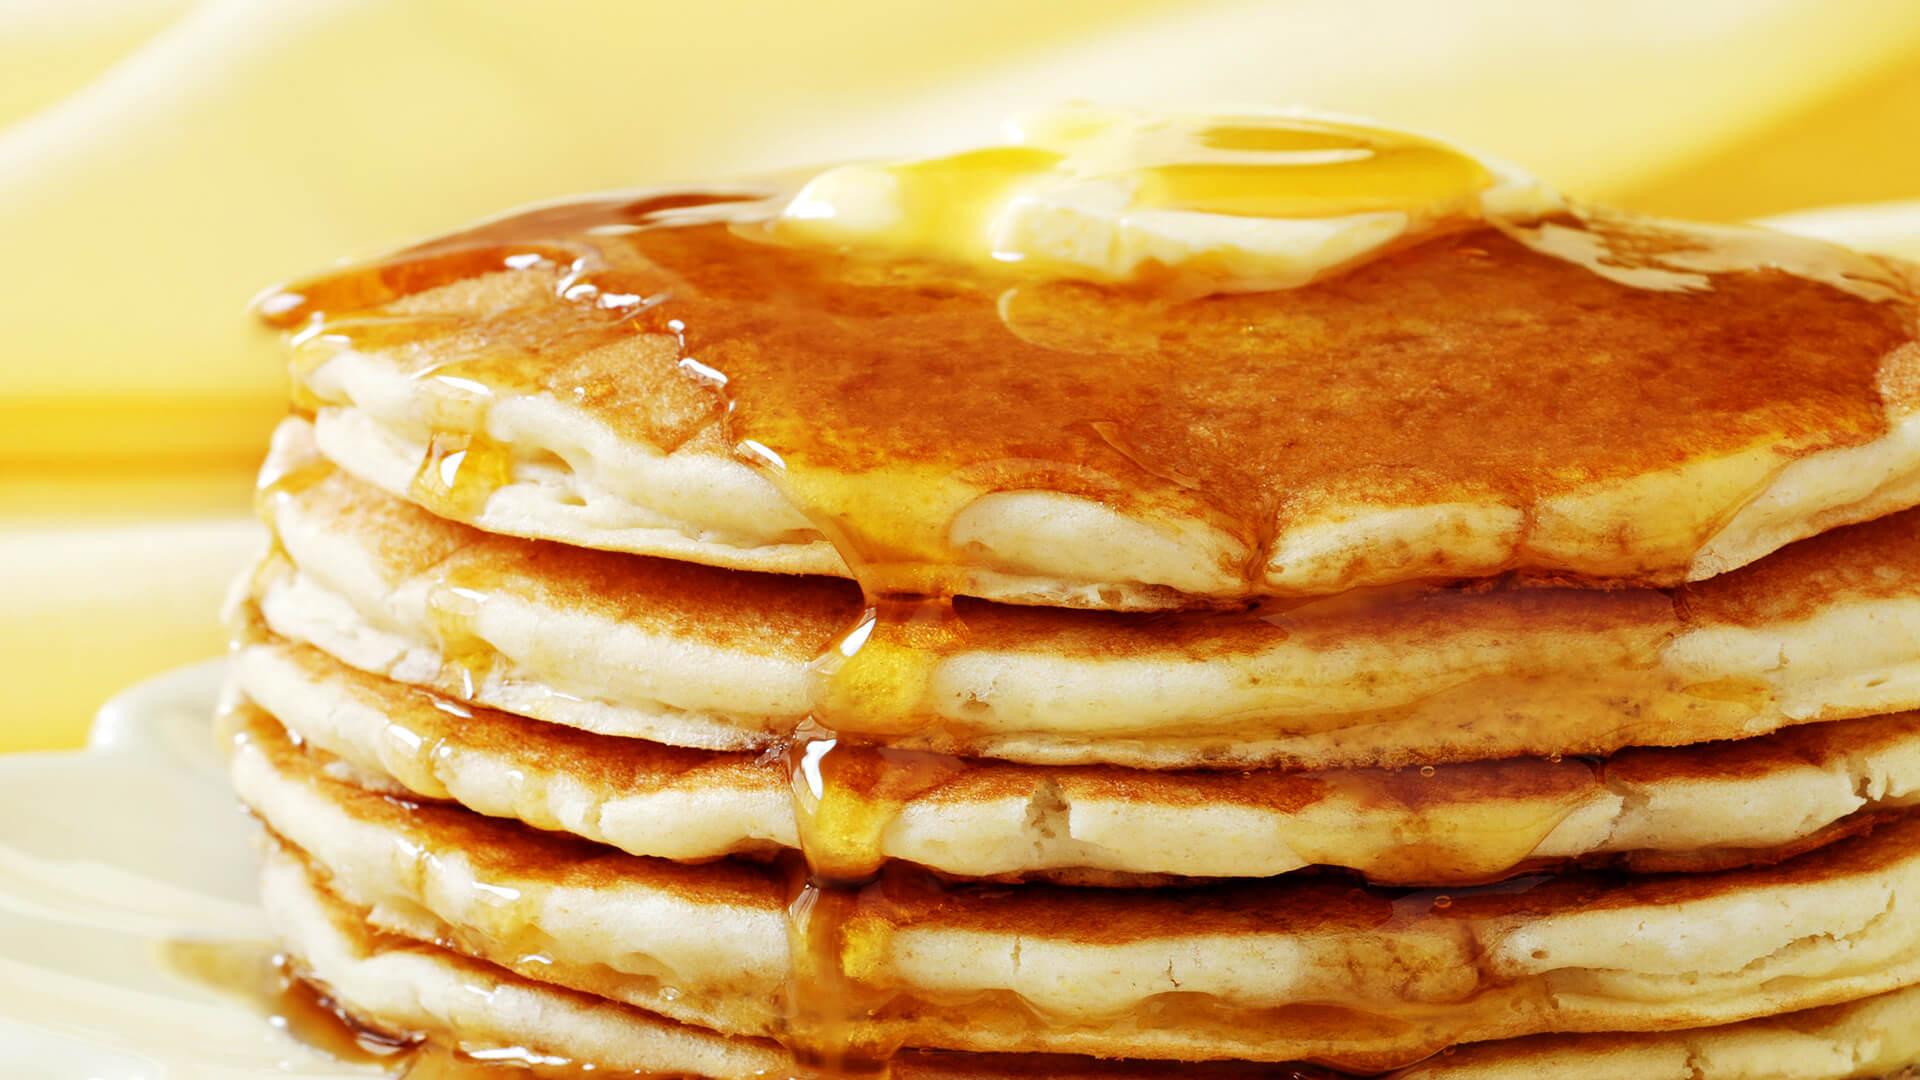 School/flap-jacks-pancake-house.jpg